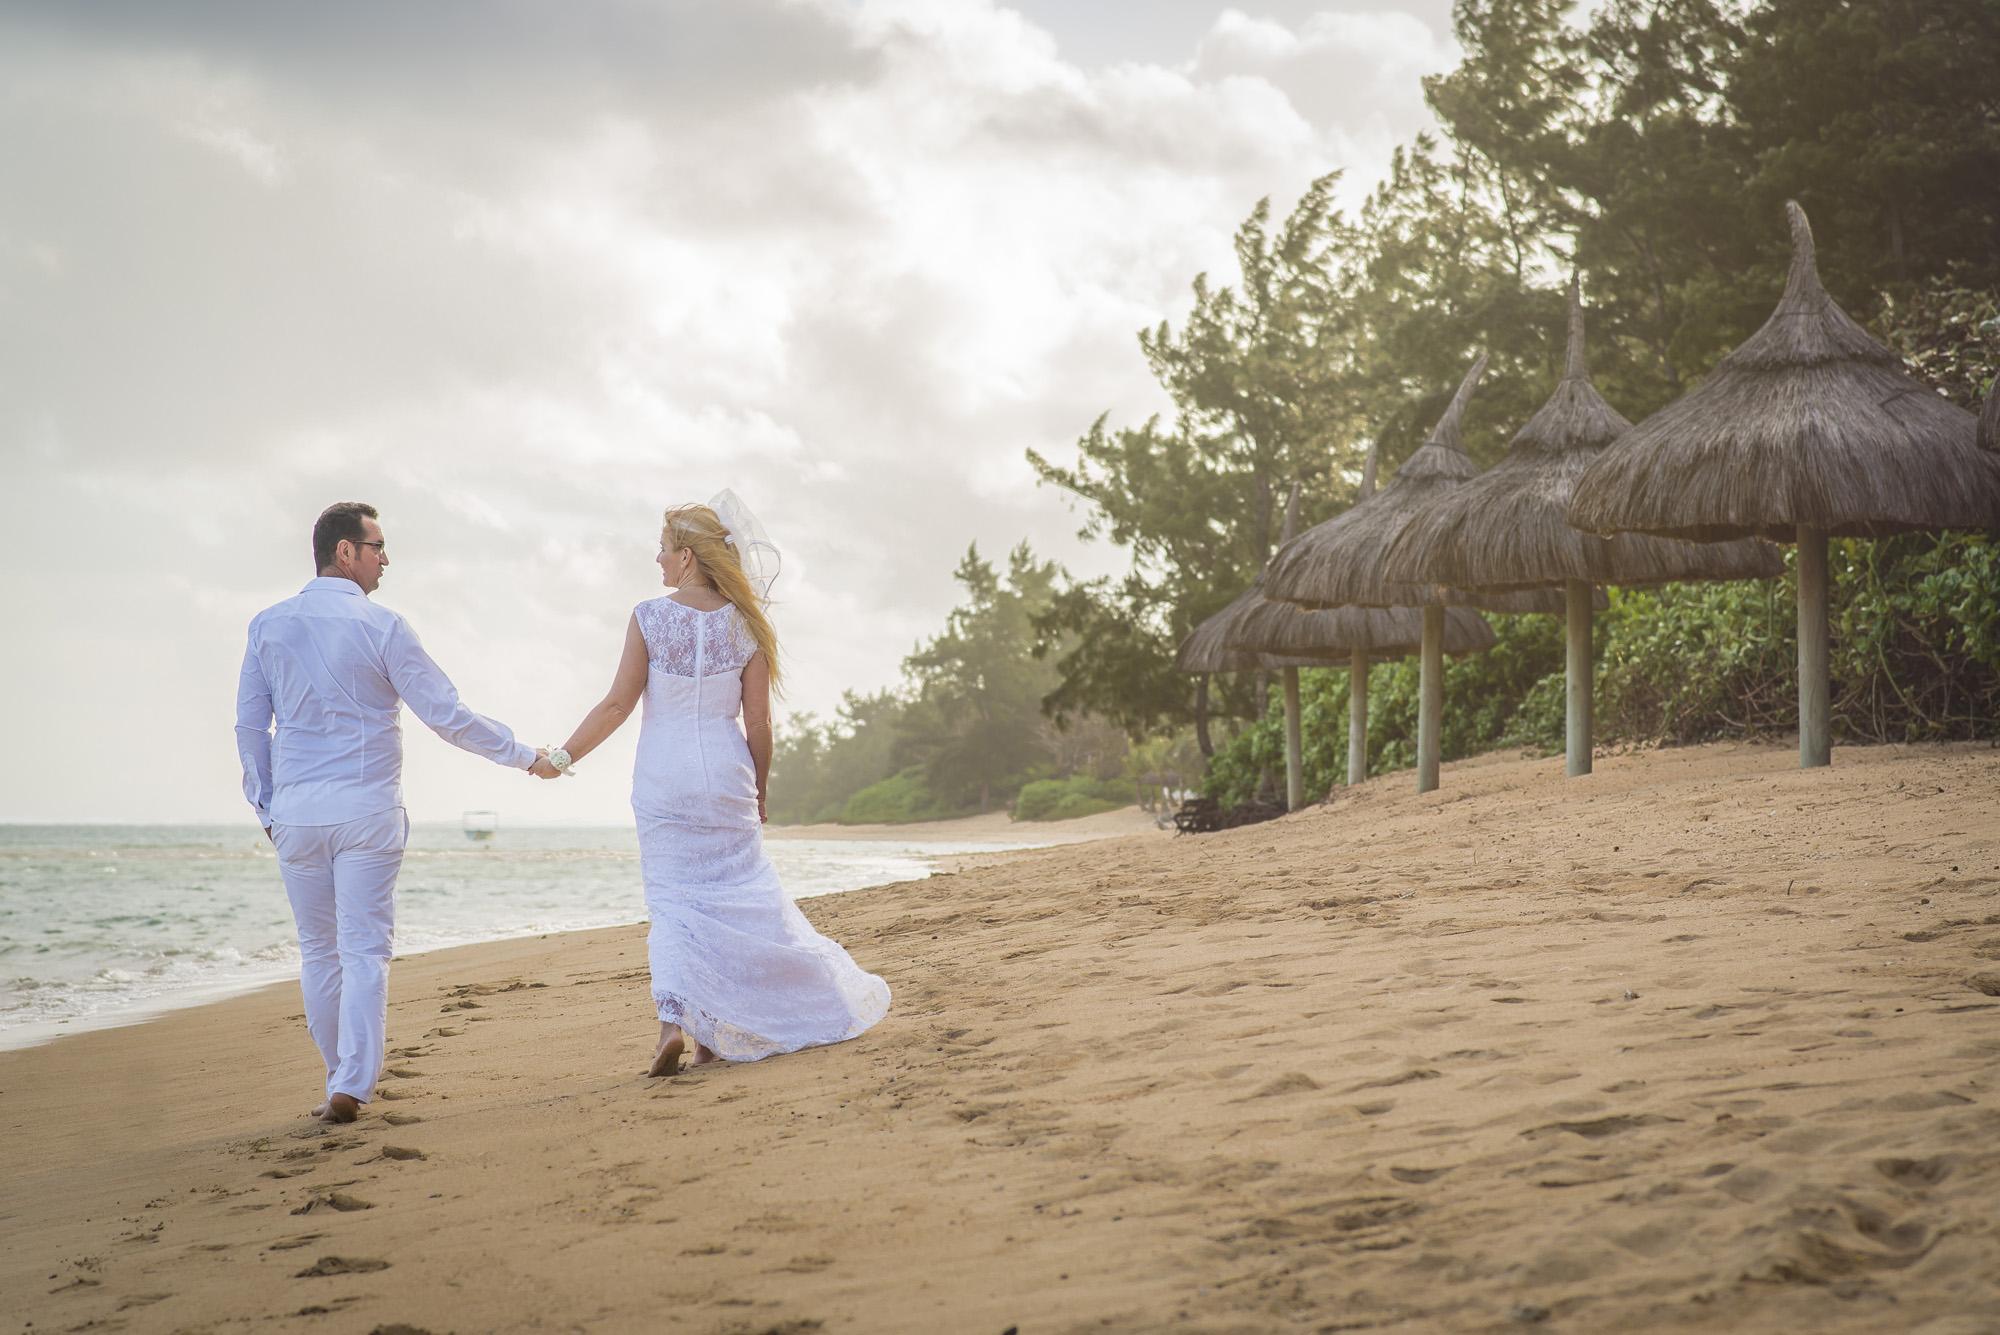 Wedding Sofitel - 12-05-16-45.jpg